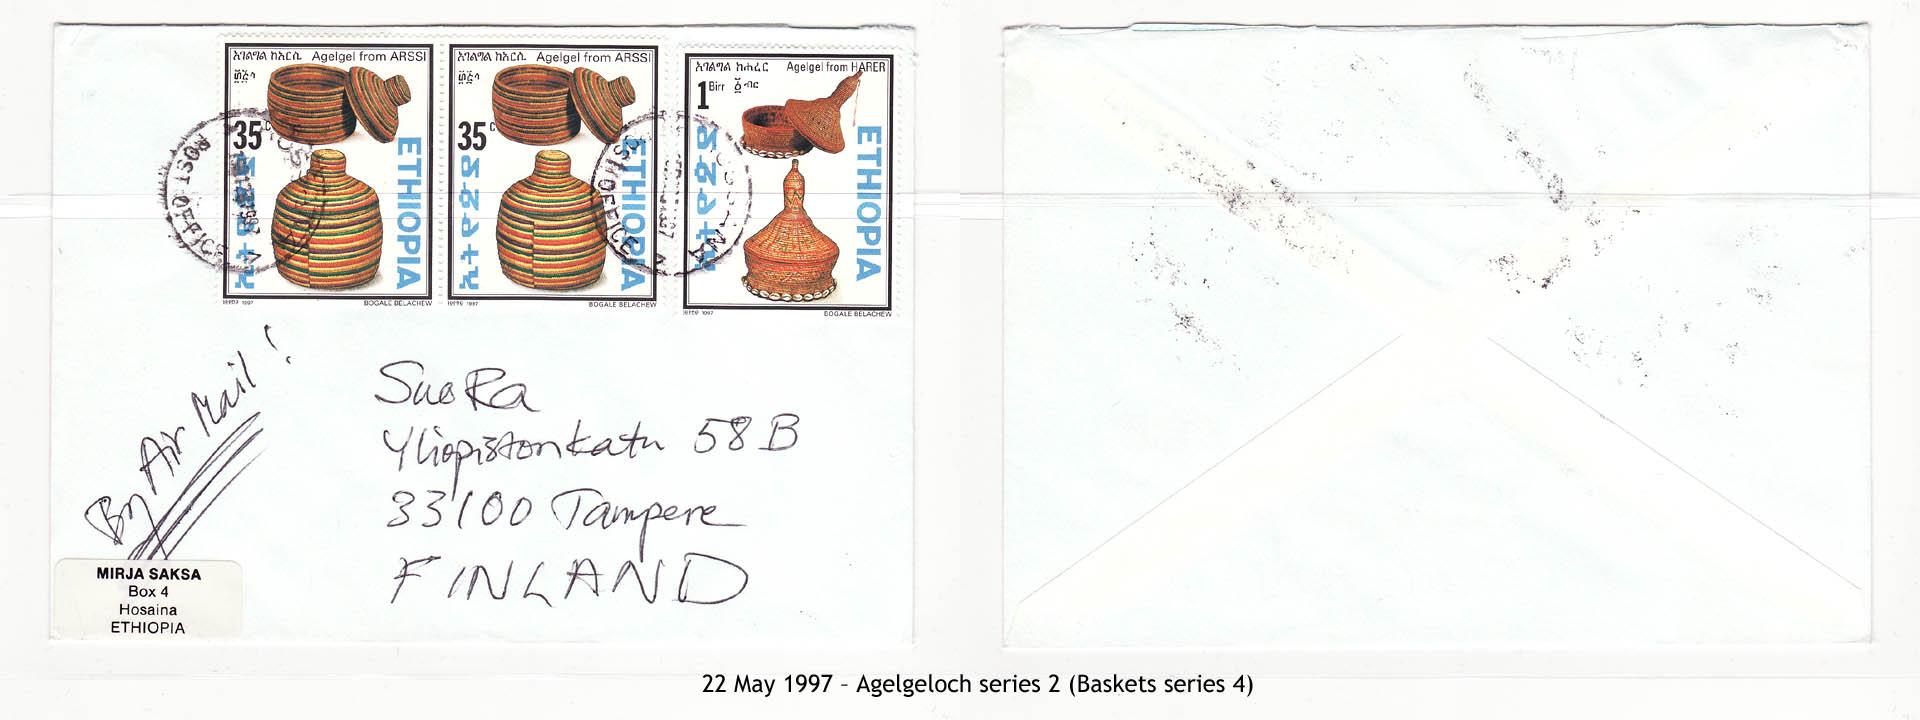 19970522 – Agelgeloch series 2 (Baskets series 4)